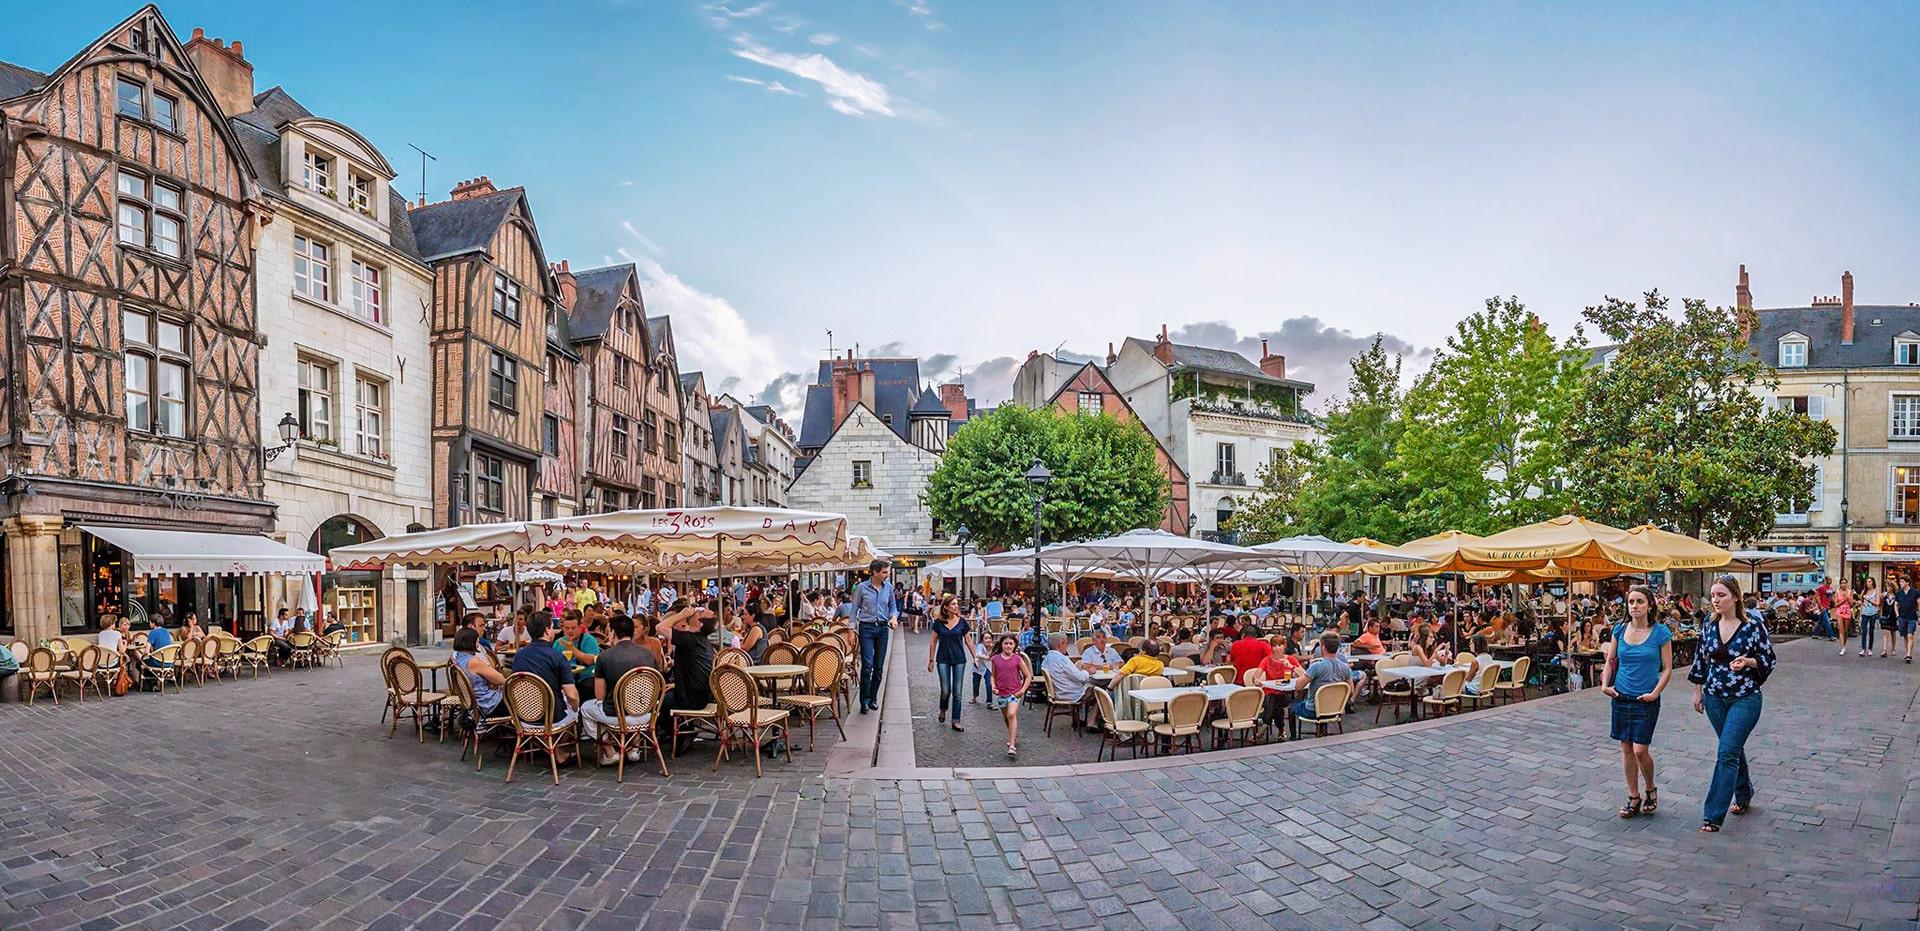 Institut de Touraine – Escuela de francés en Tours